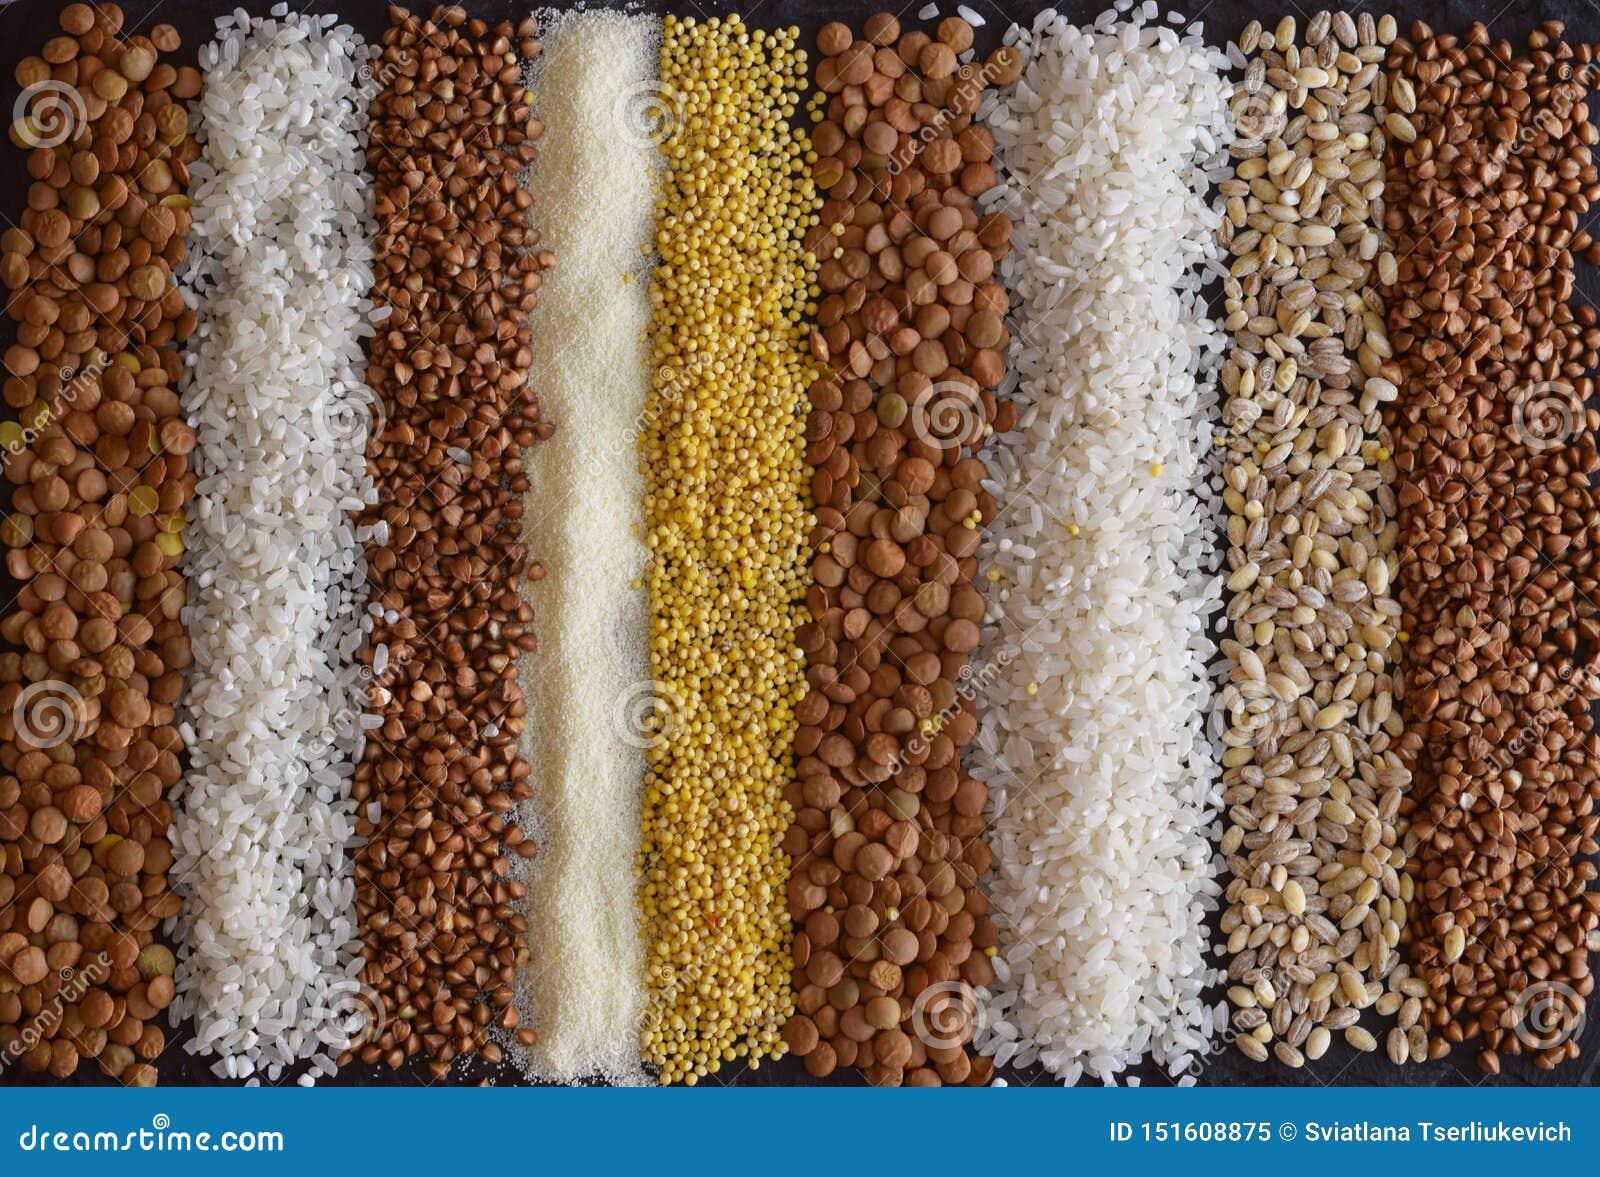 Bella composizione dei grani differenti sulla tavola: grano saraceno, miglio, semolino, lenticchie, orzo perlato, riso